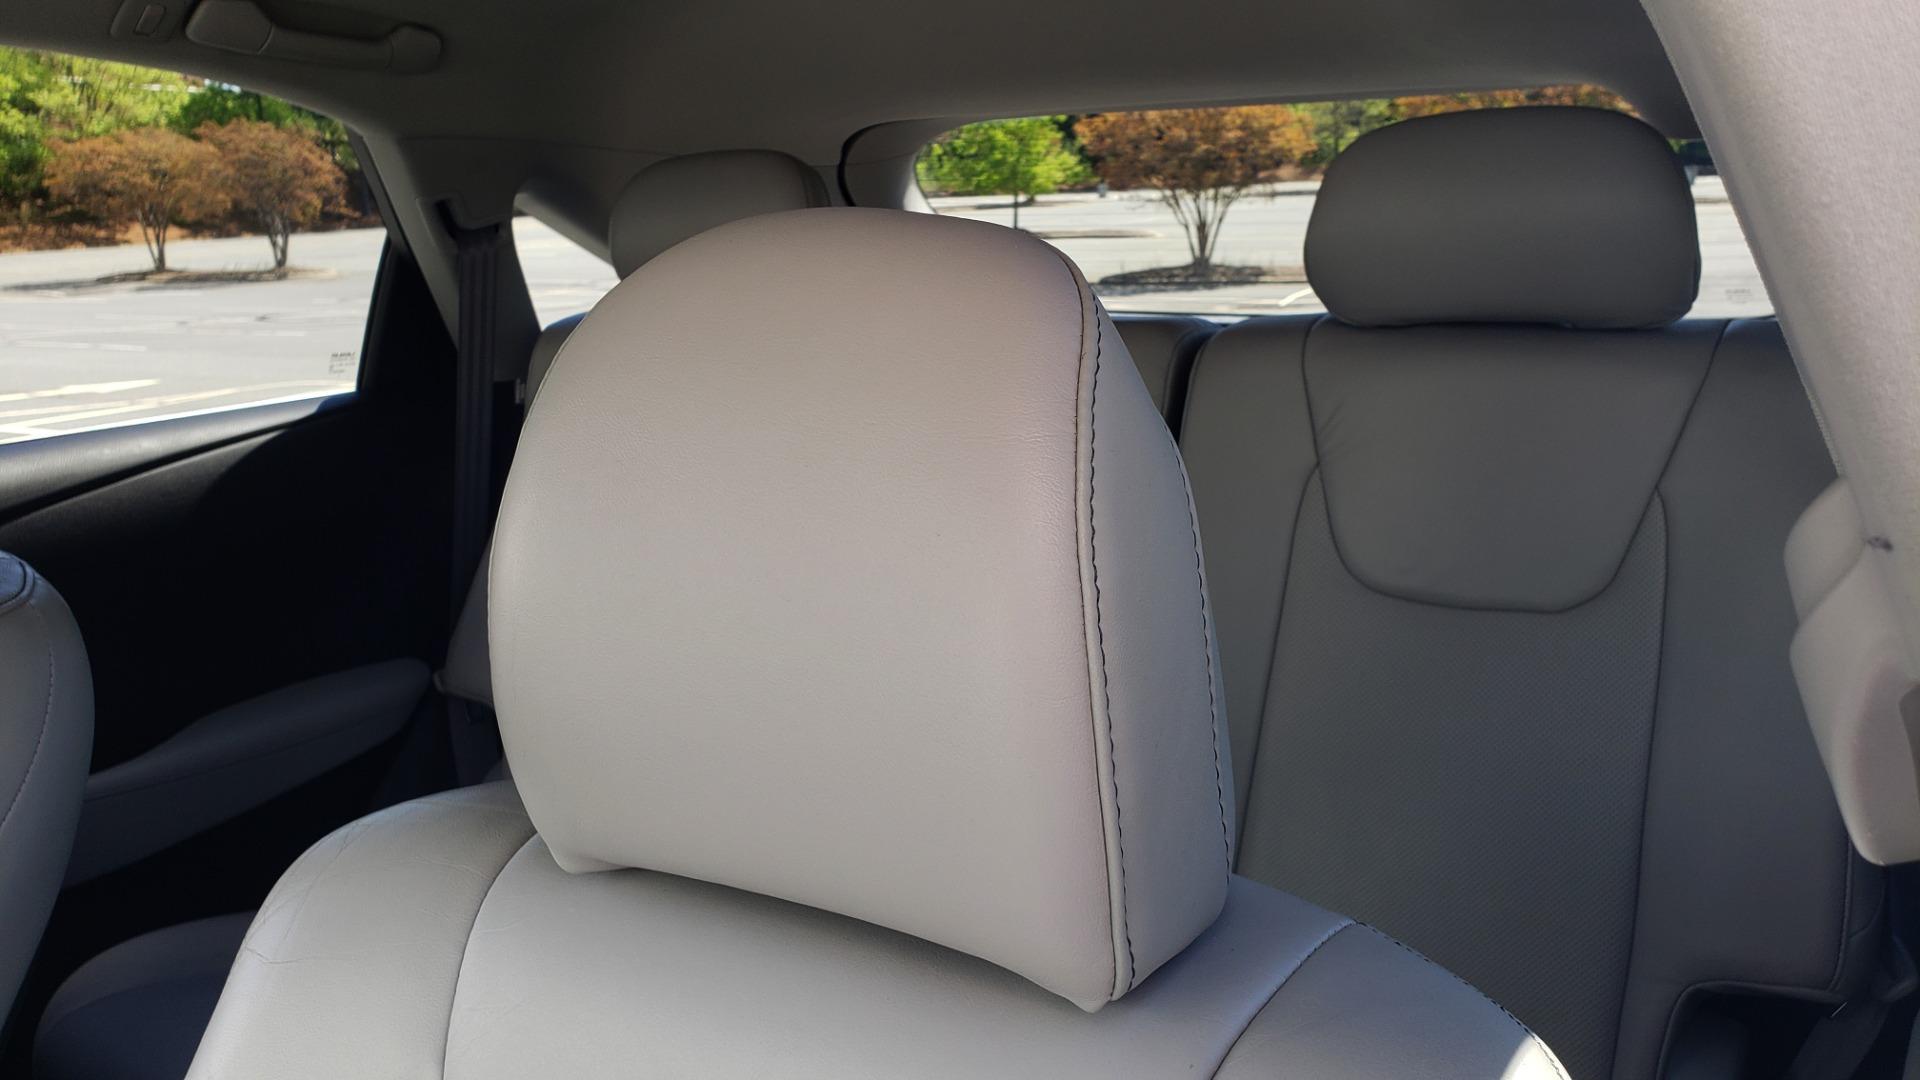 Used 2015 Lexus RX 450H AWD / PREM PKG / NAV / PARK ASST / HUD / BLIND SPOT MONITOR for sale Sold at Formula Imports in Charlotte NC 28227 37